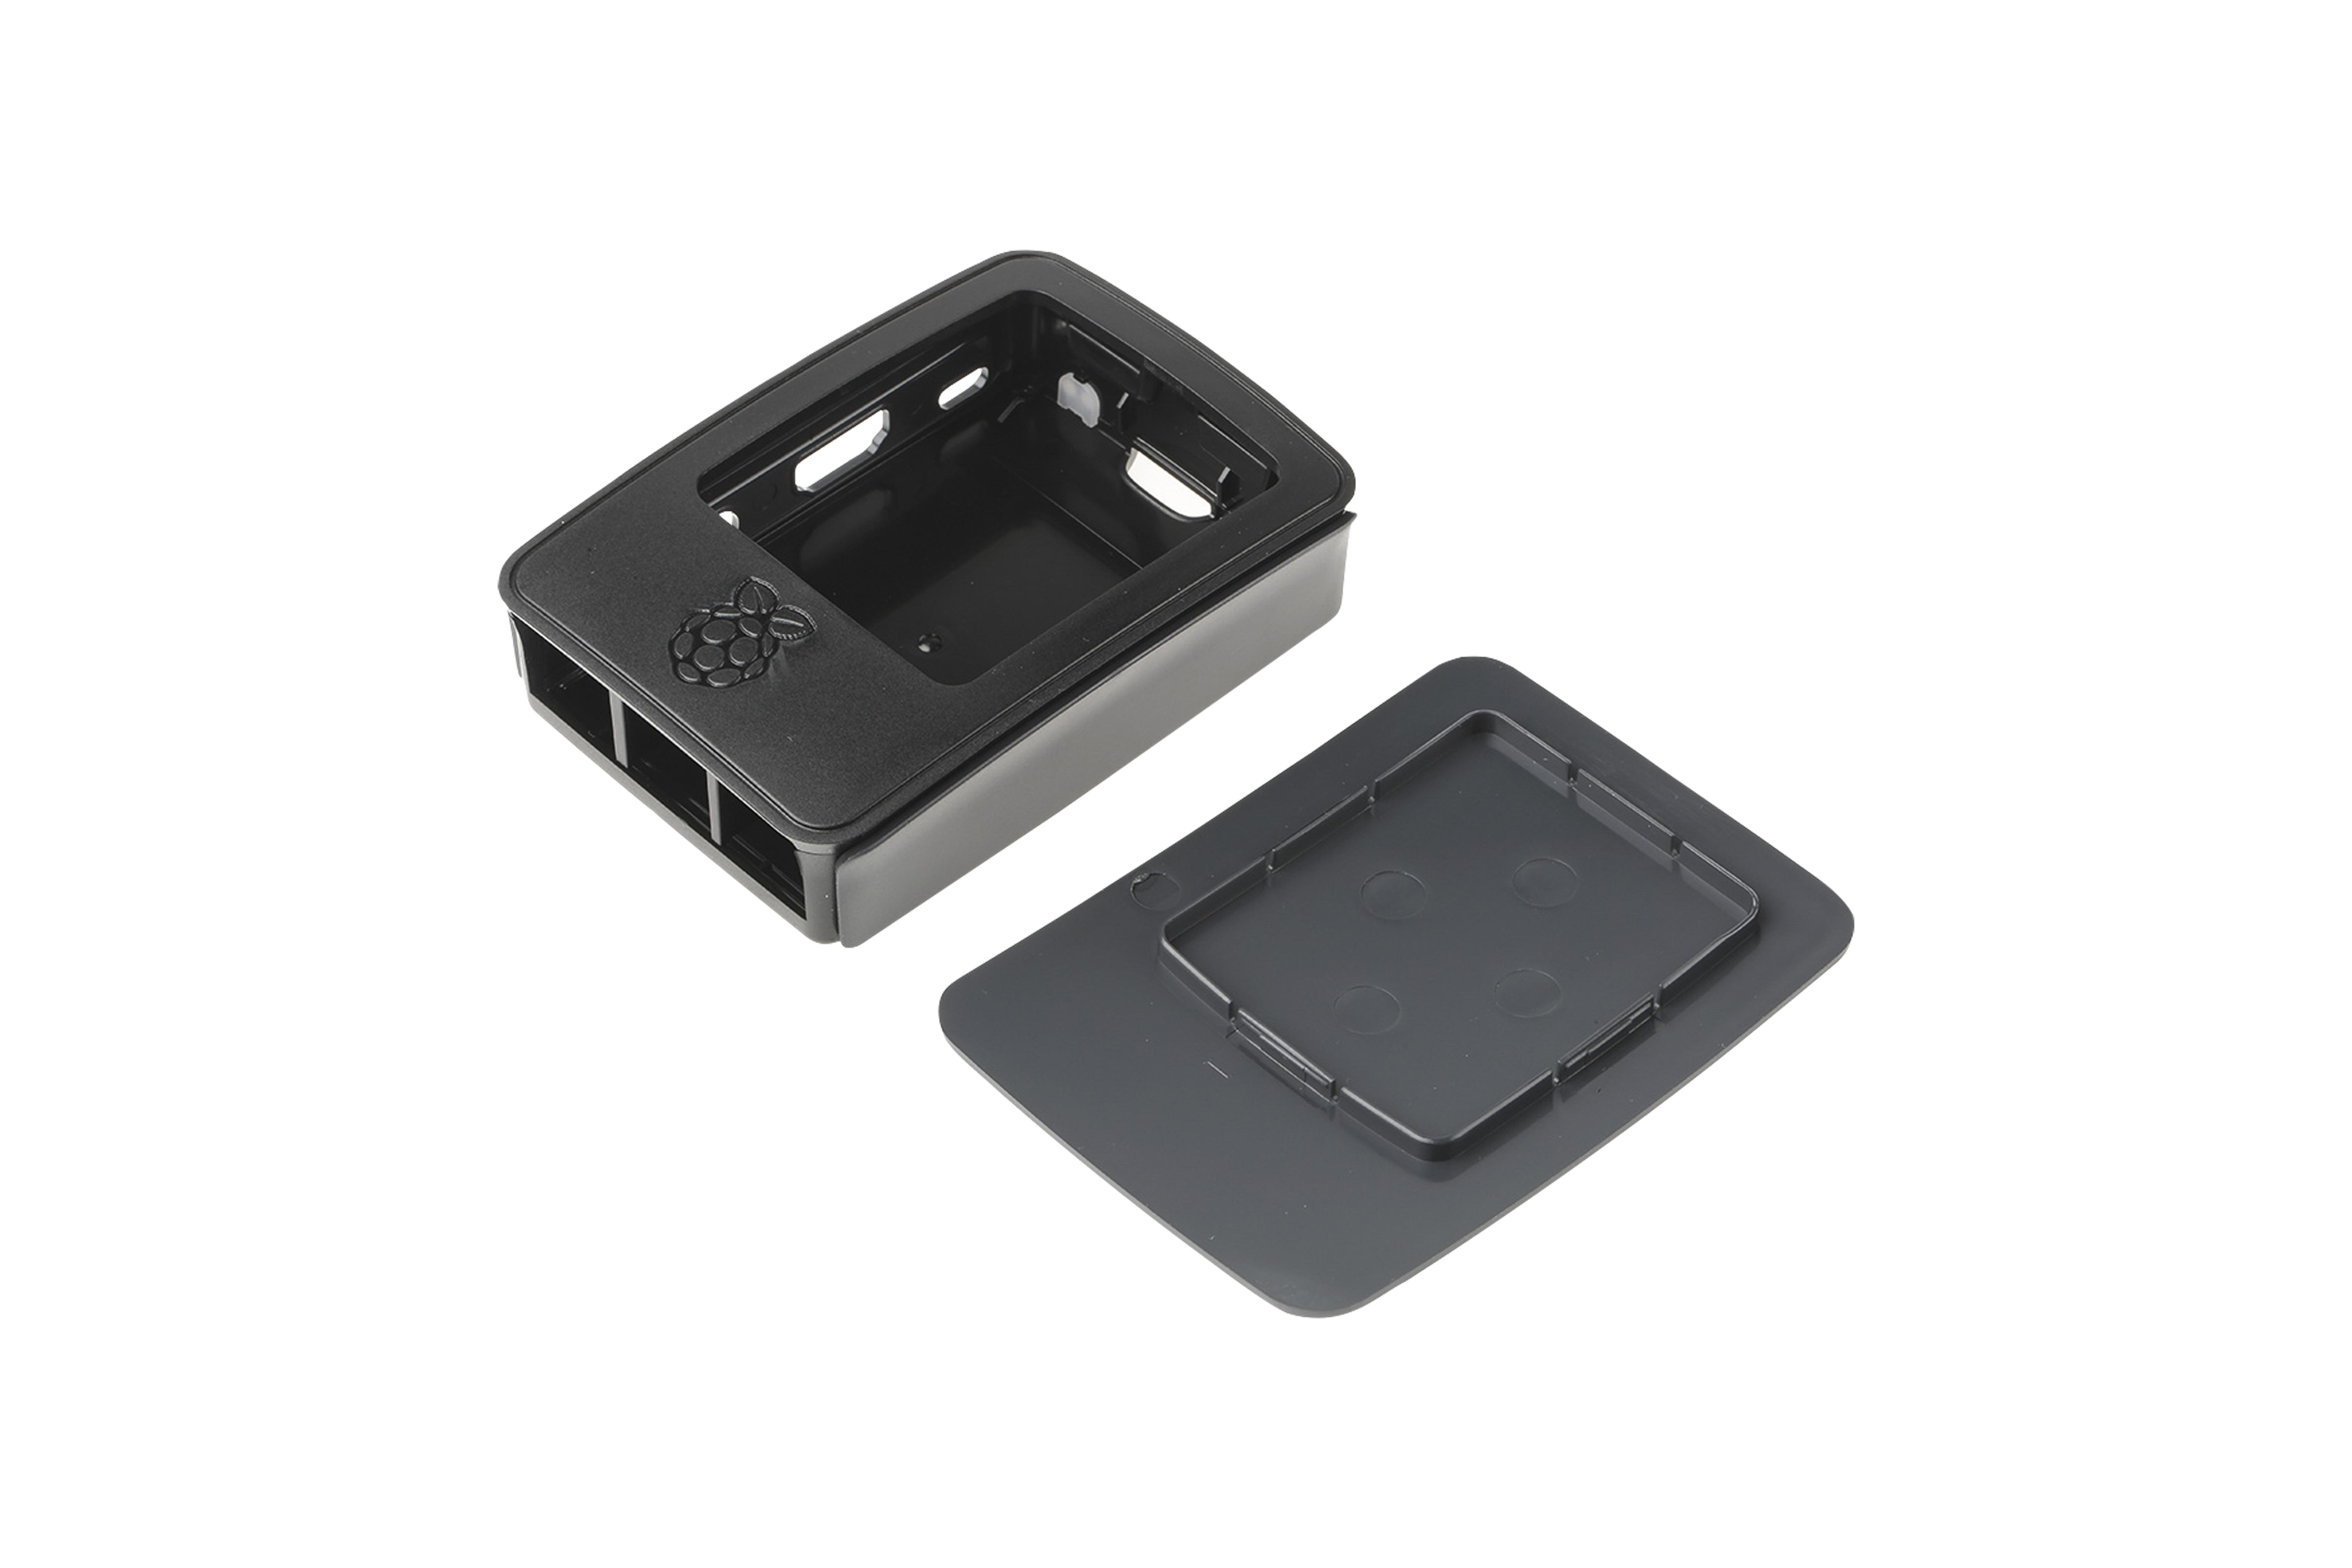 Offizielles Gehäuse für Pi 3 - schwarz/grau